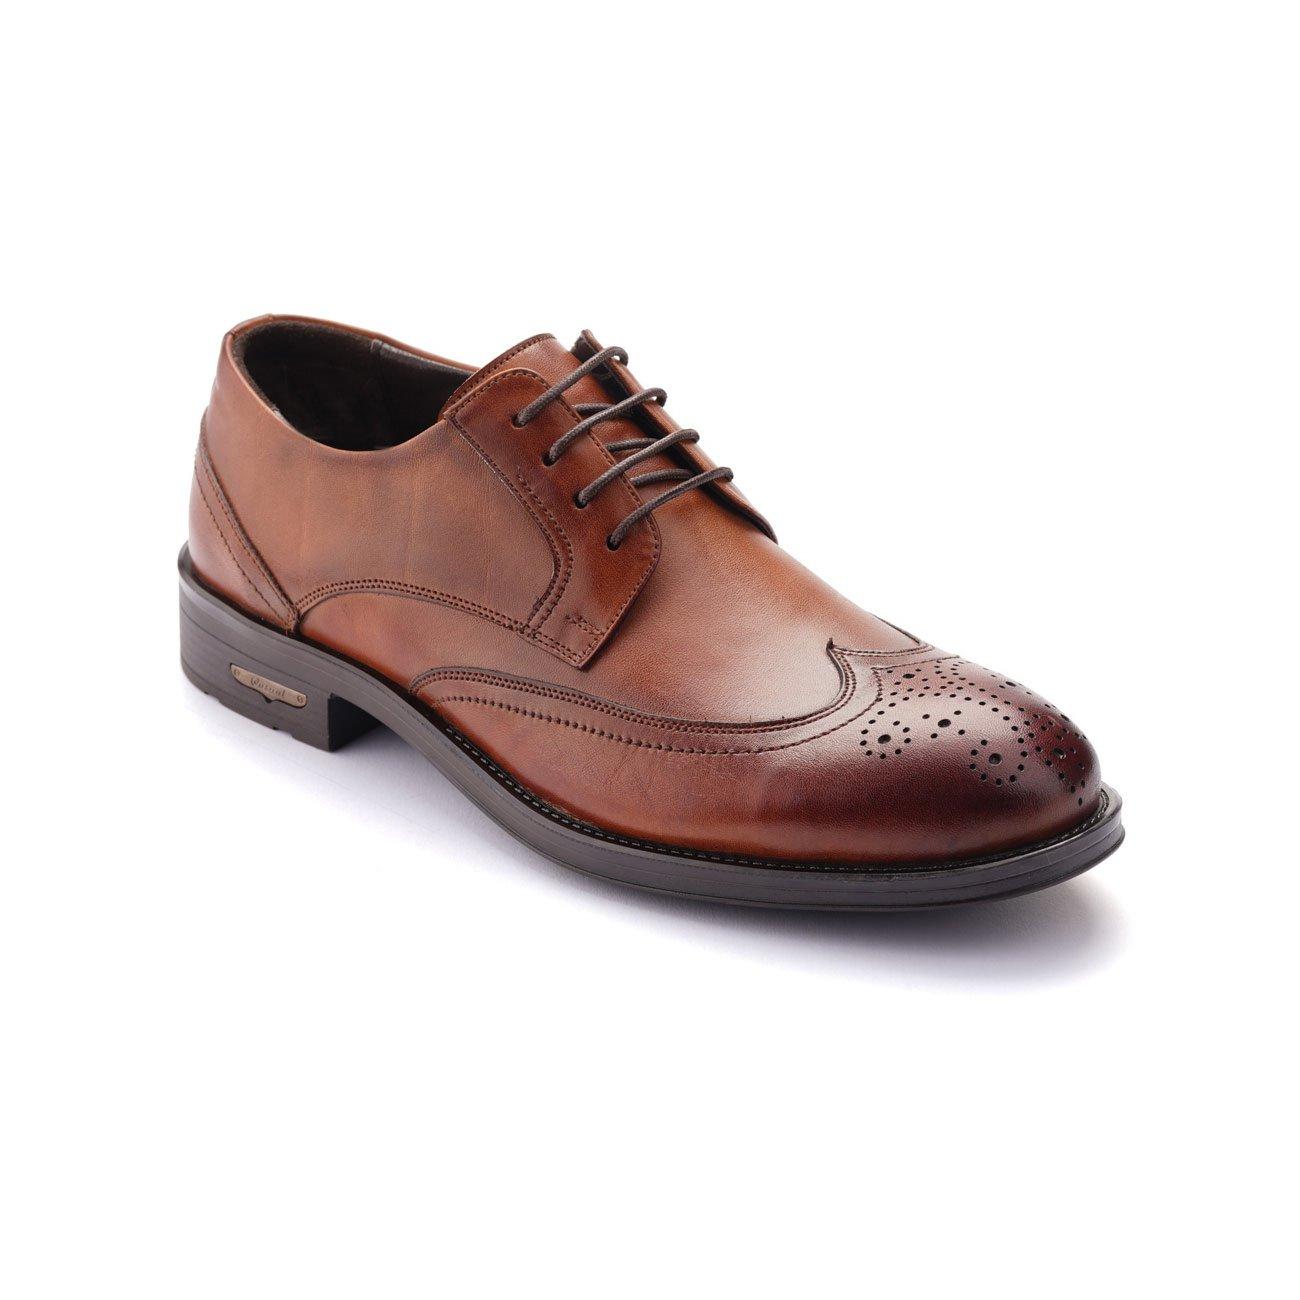 مردانه کفش پاناما کاستا هشترک بندی